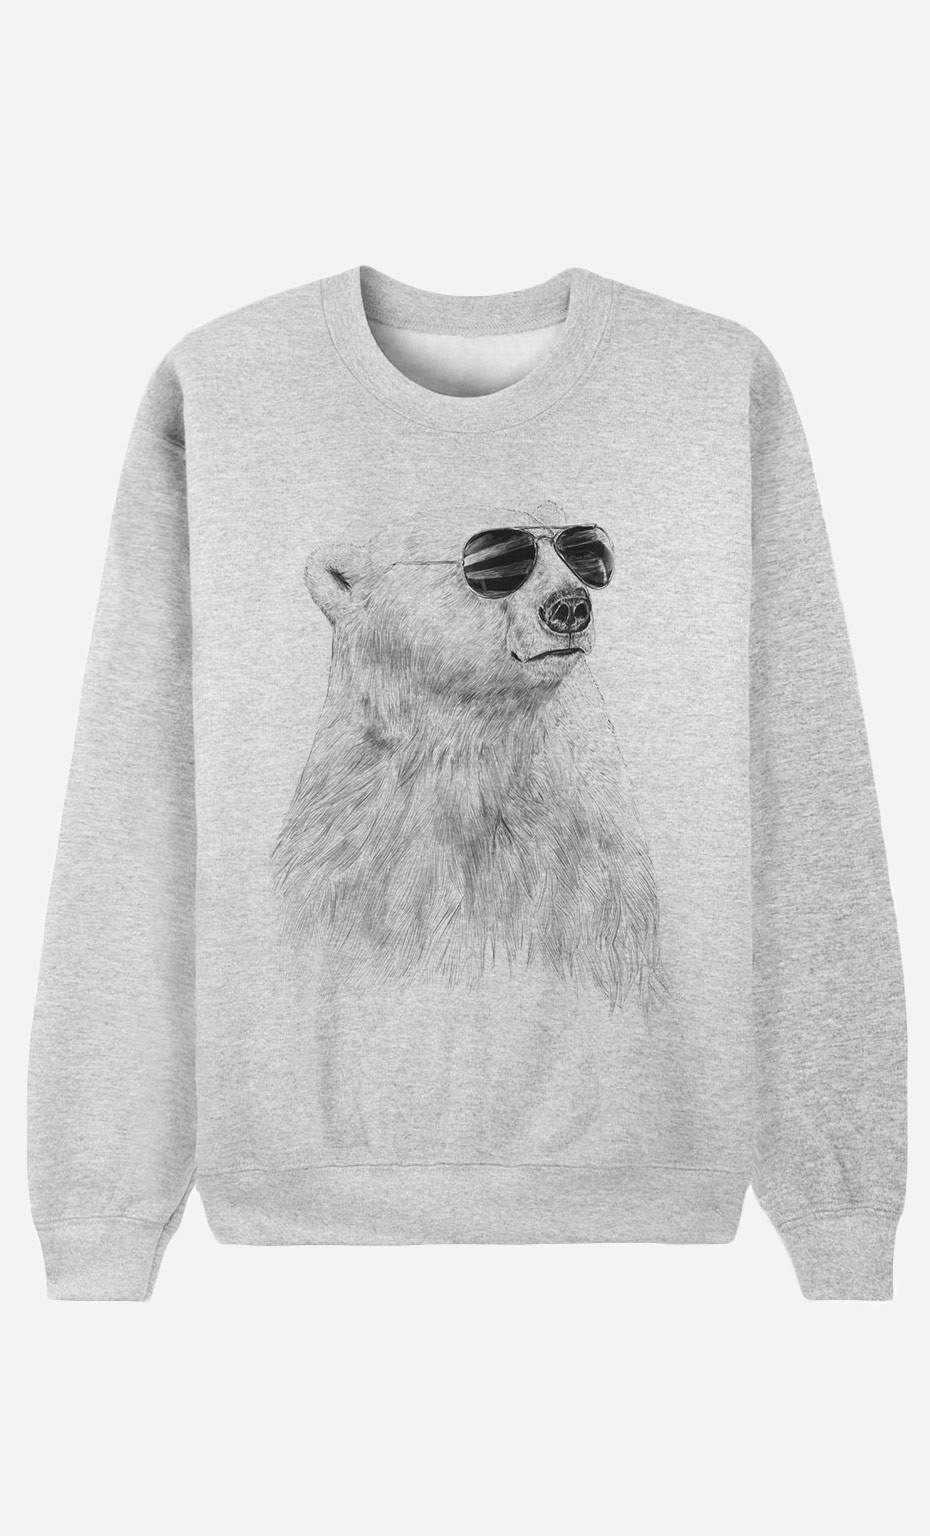 Sweatshirt Don't Let The Sun Go Down